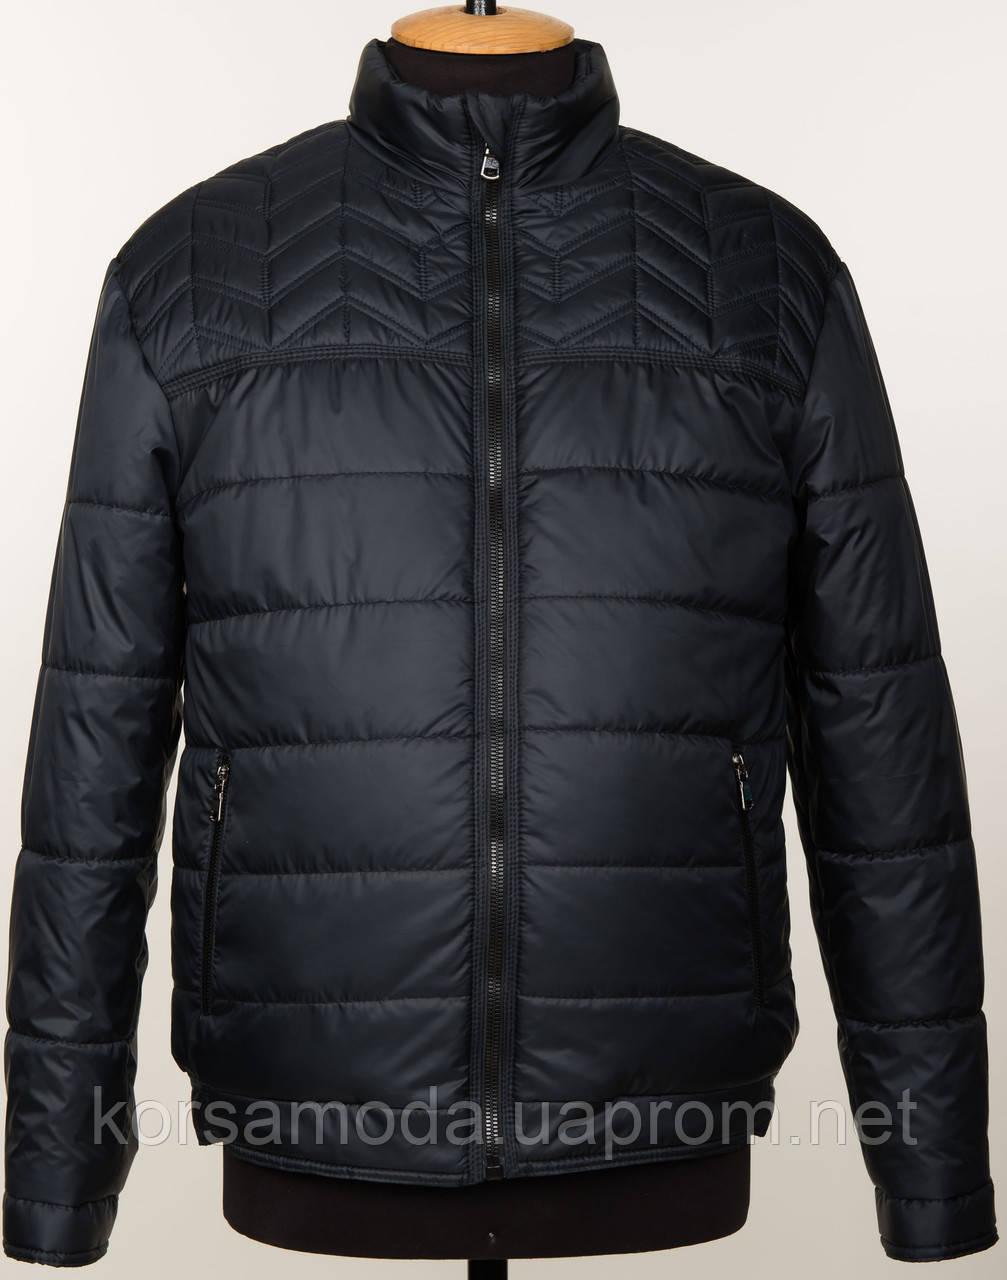 fa71bdca Новинка! Стеганная, демисезонная, мужская куртка